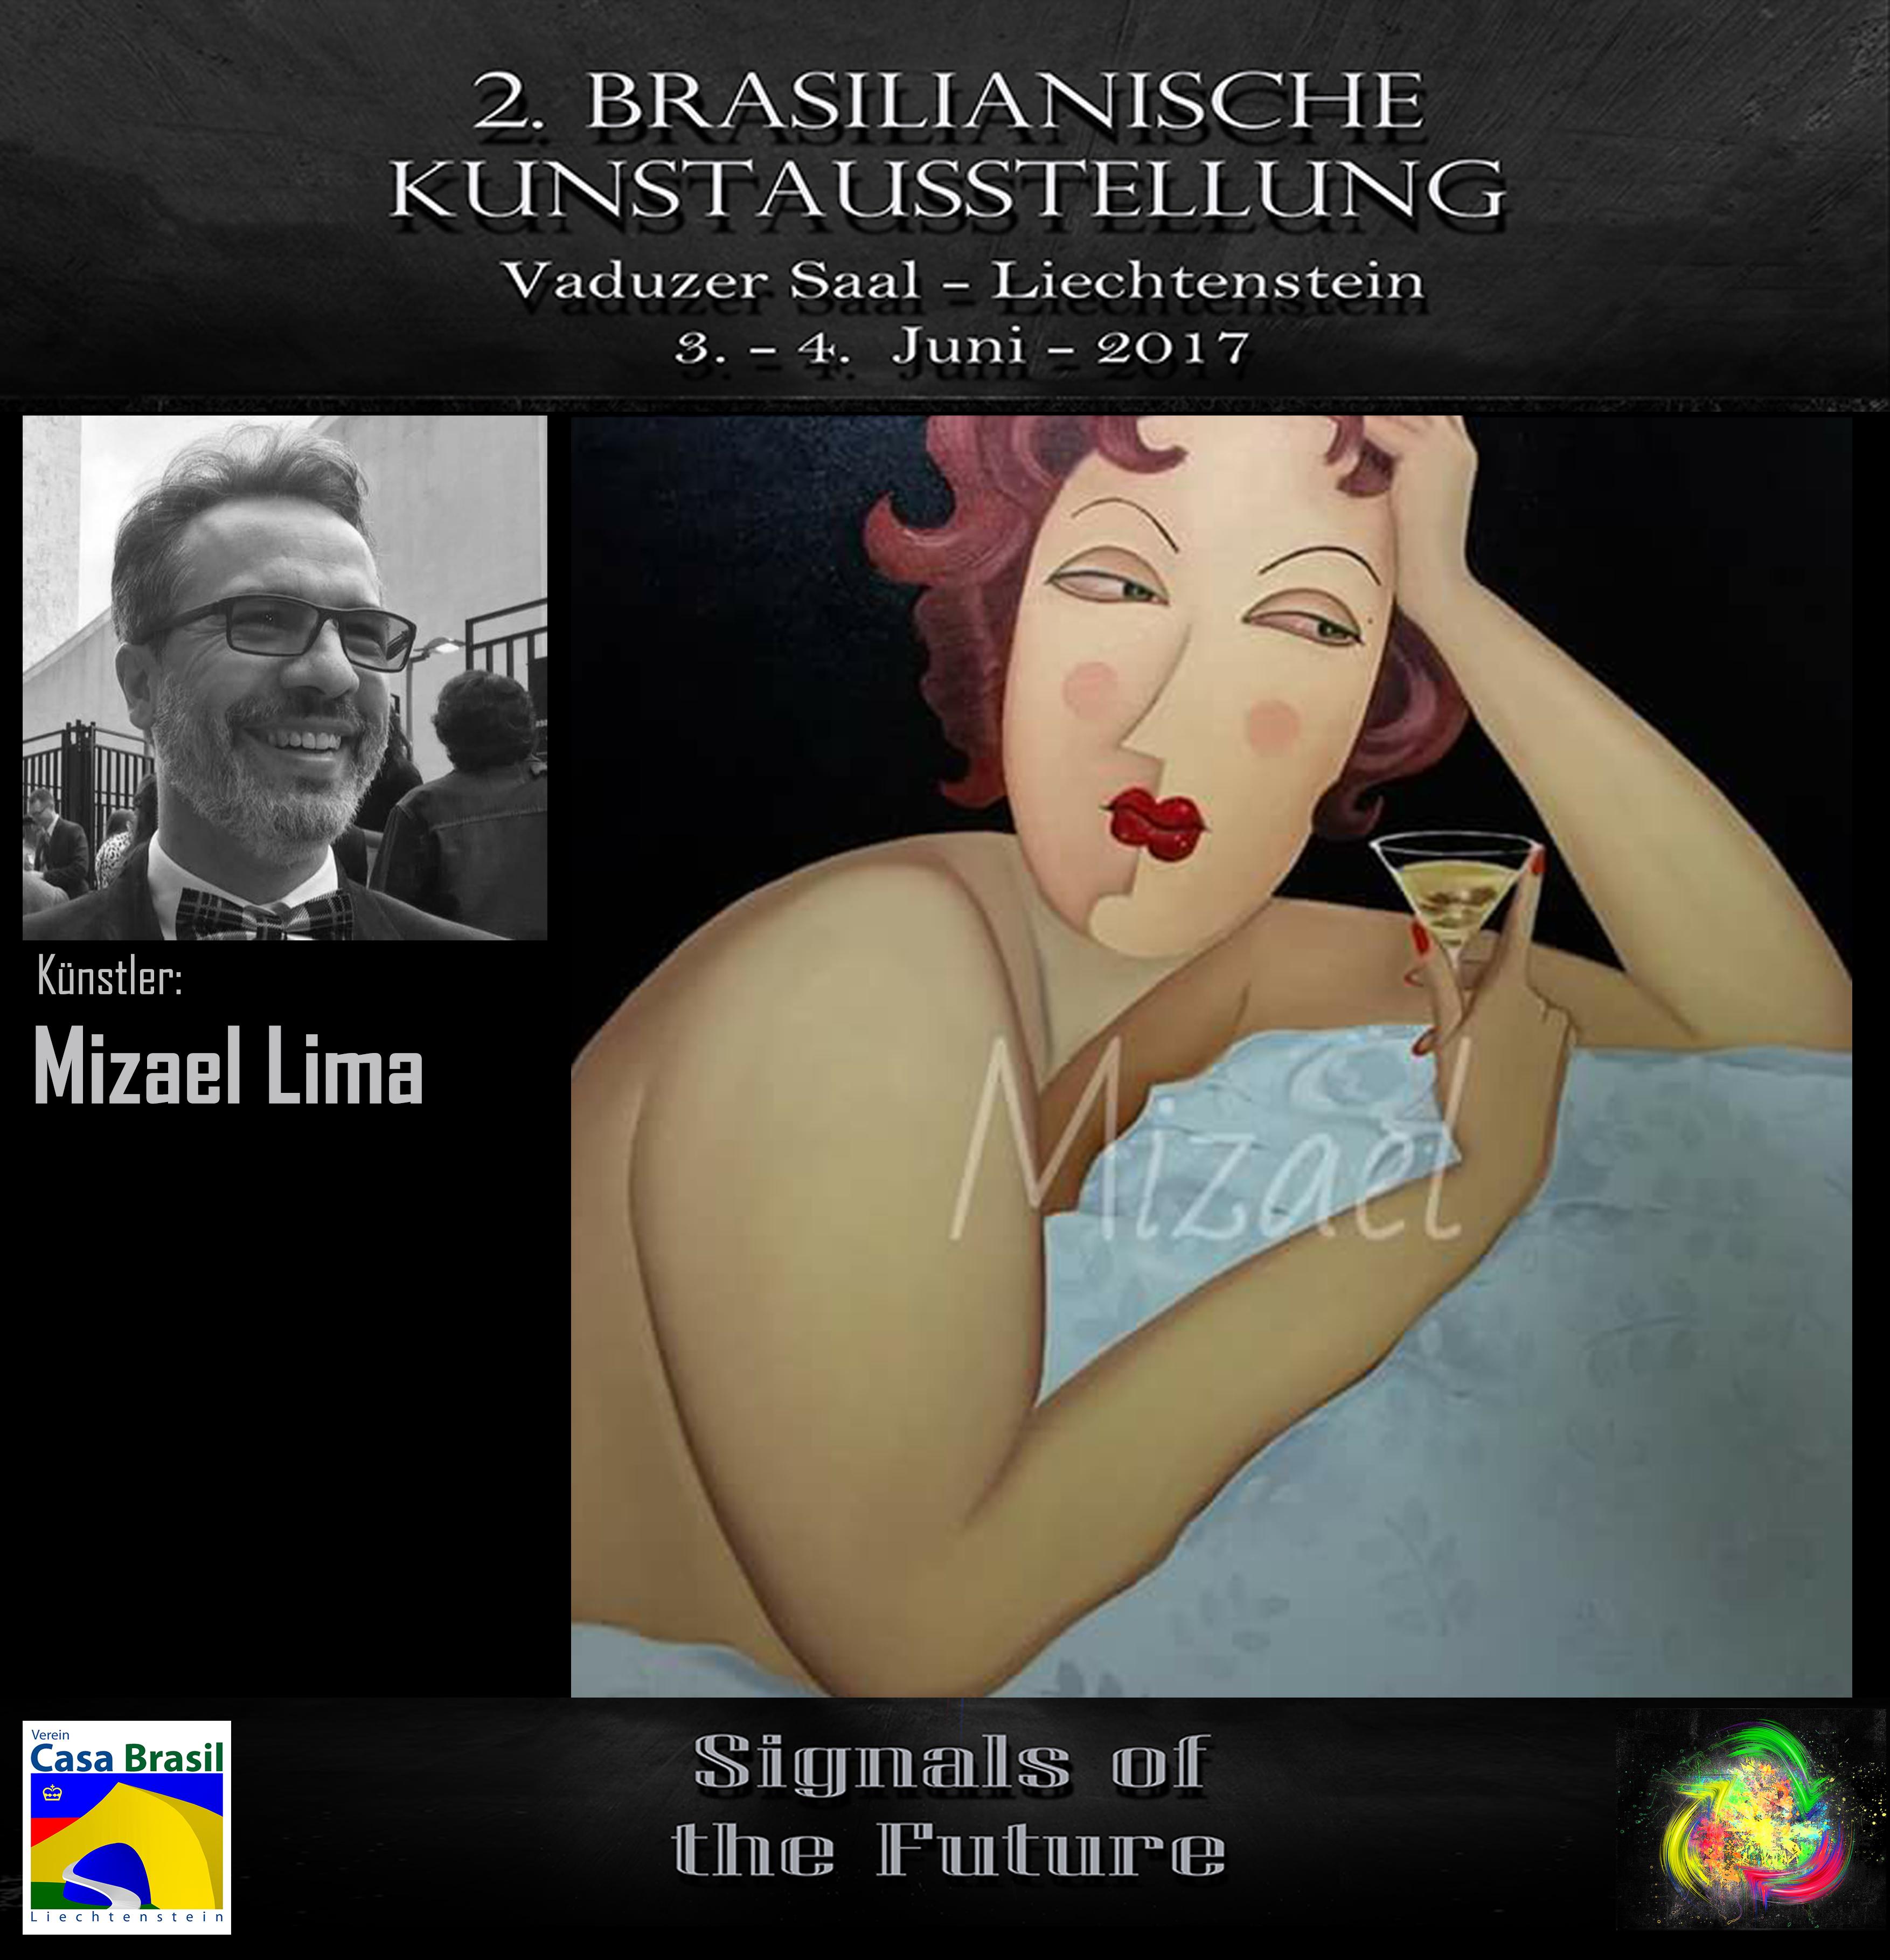 Mizael Lima